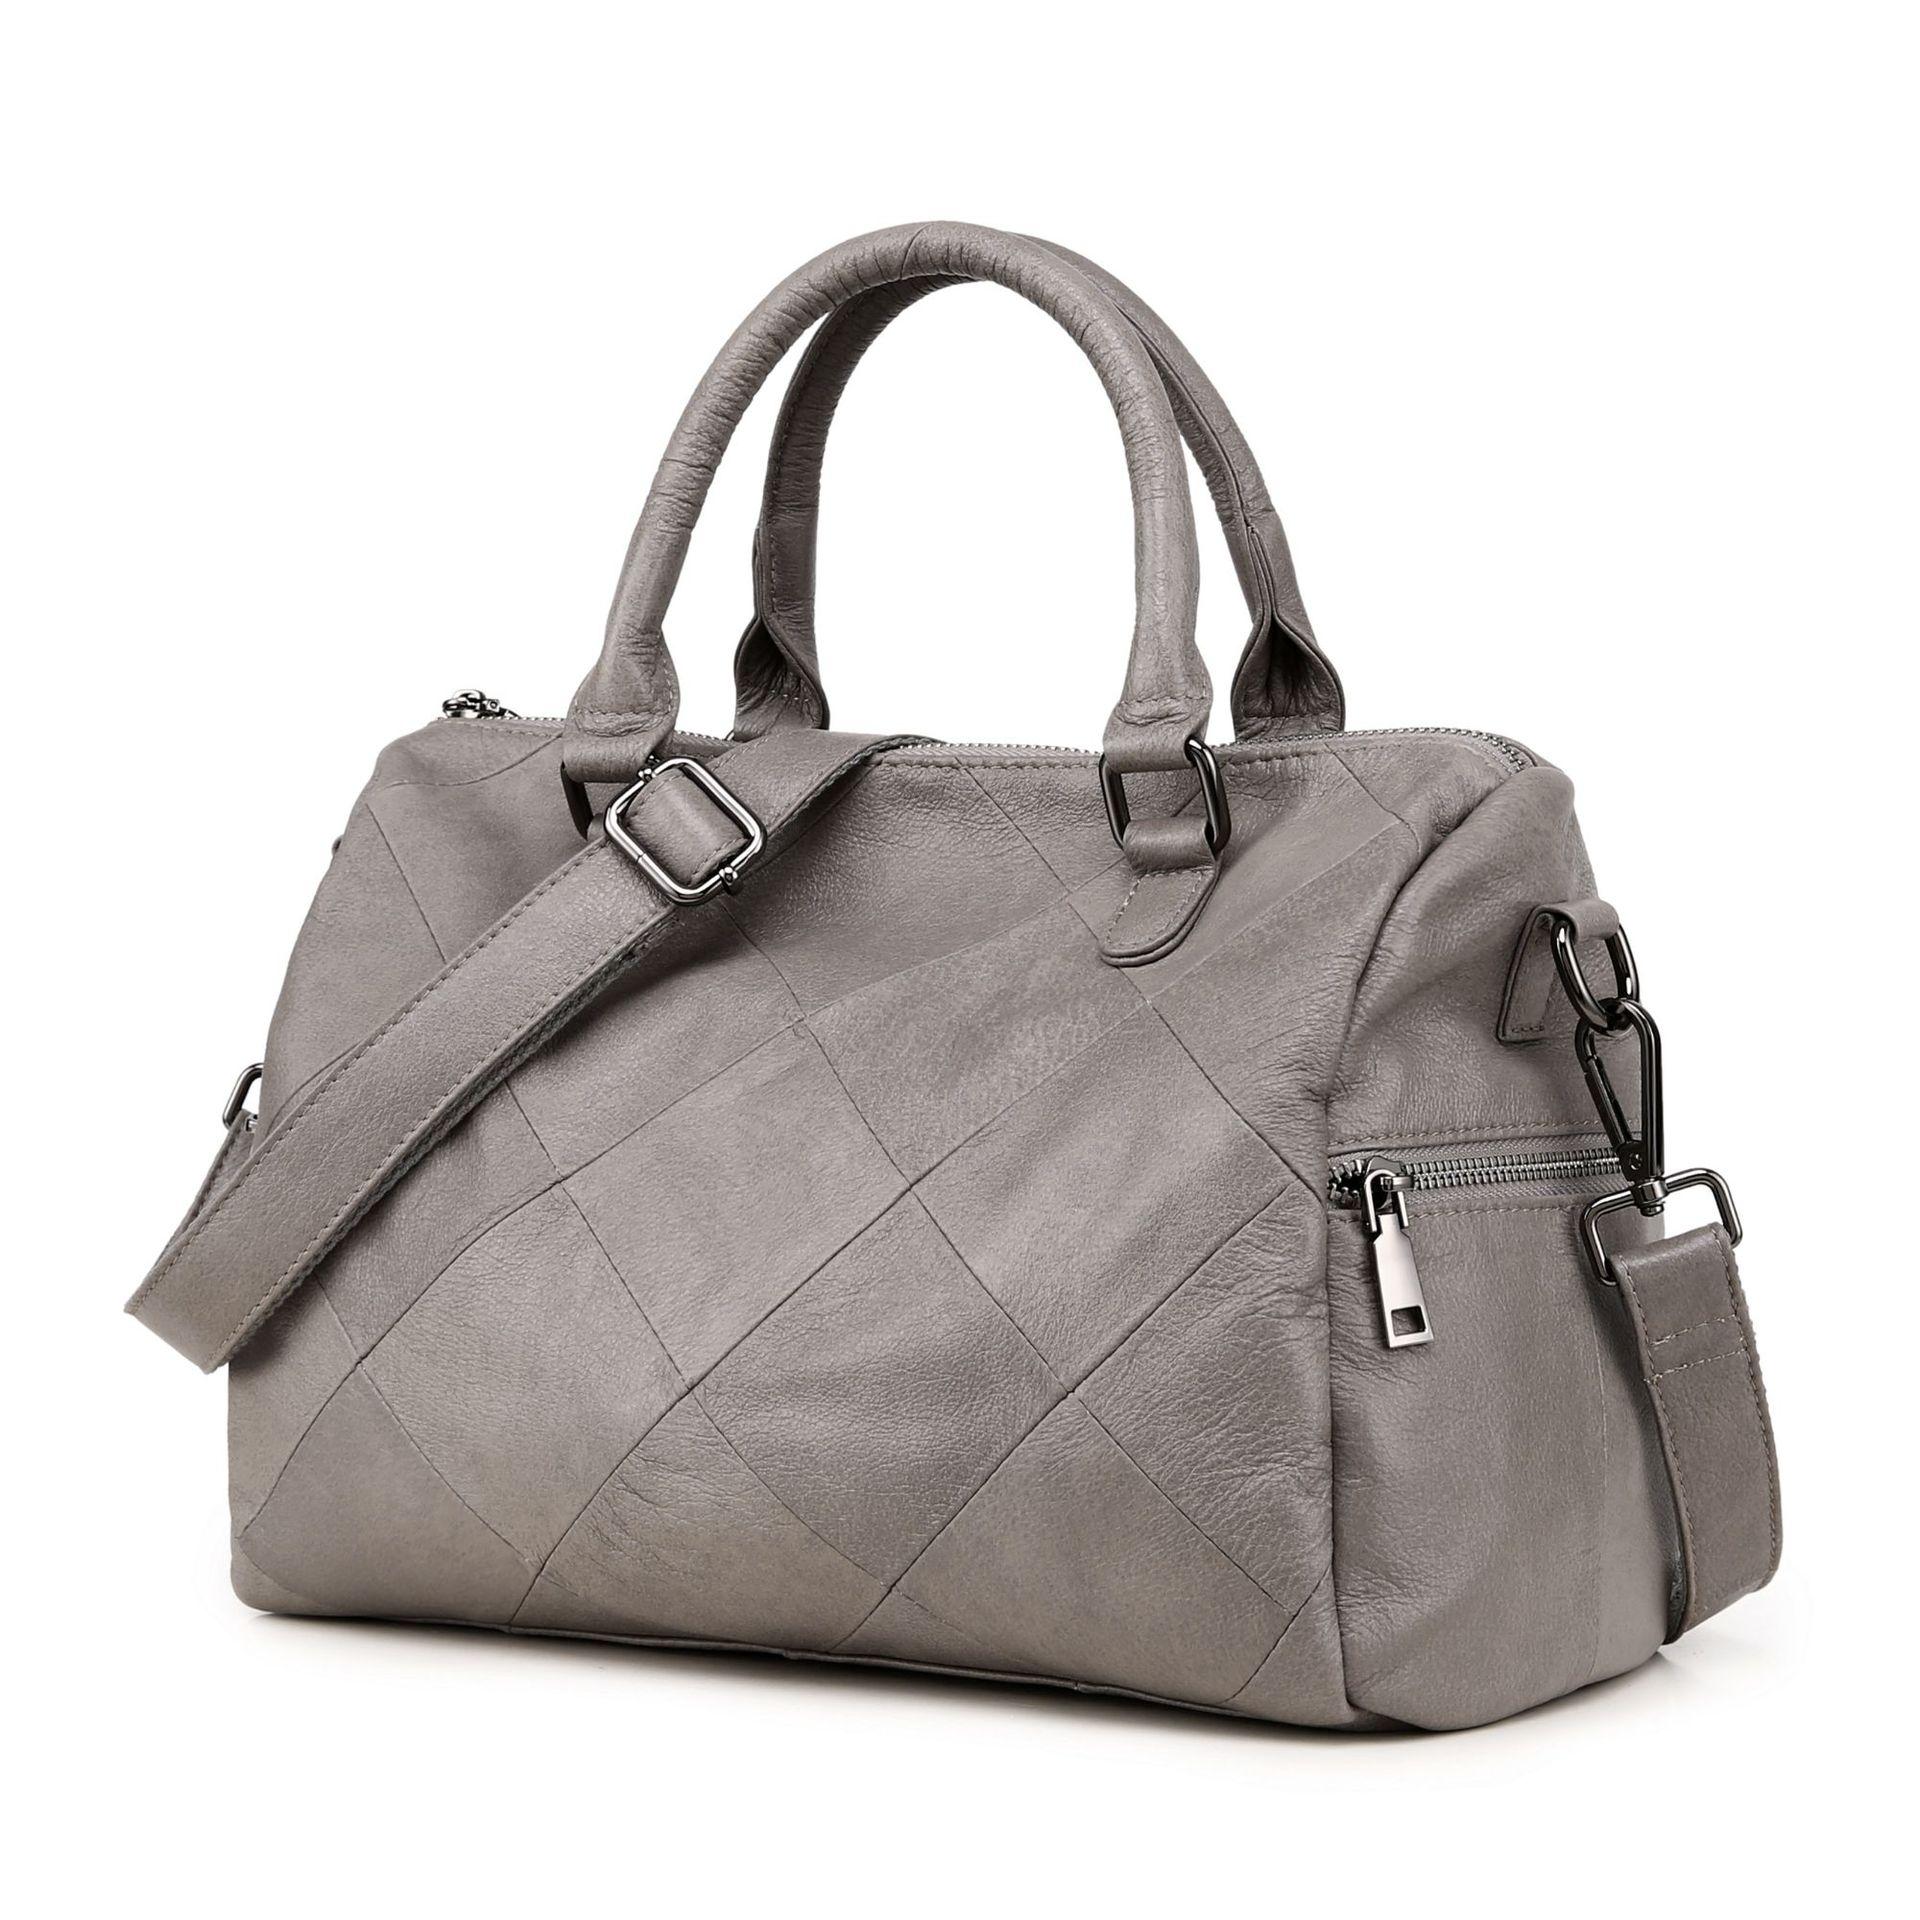 df6d7196e7a56 ICEV جديد الأوروبية أزياء بسيطة حقيقية حقائب يد جلدية حقائب الماركات  الشهيرة للمرأة جلد البقر السيدات. US  54.59